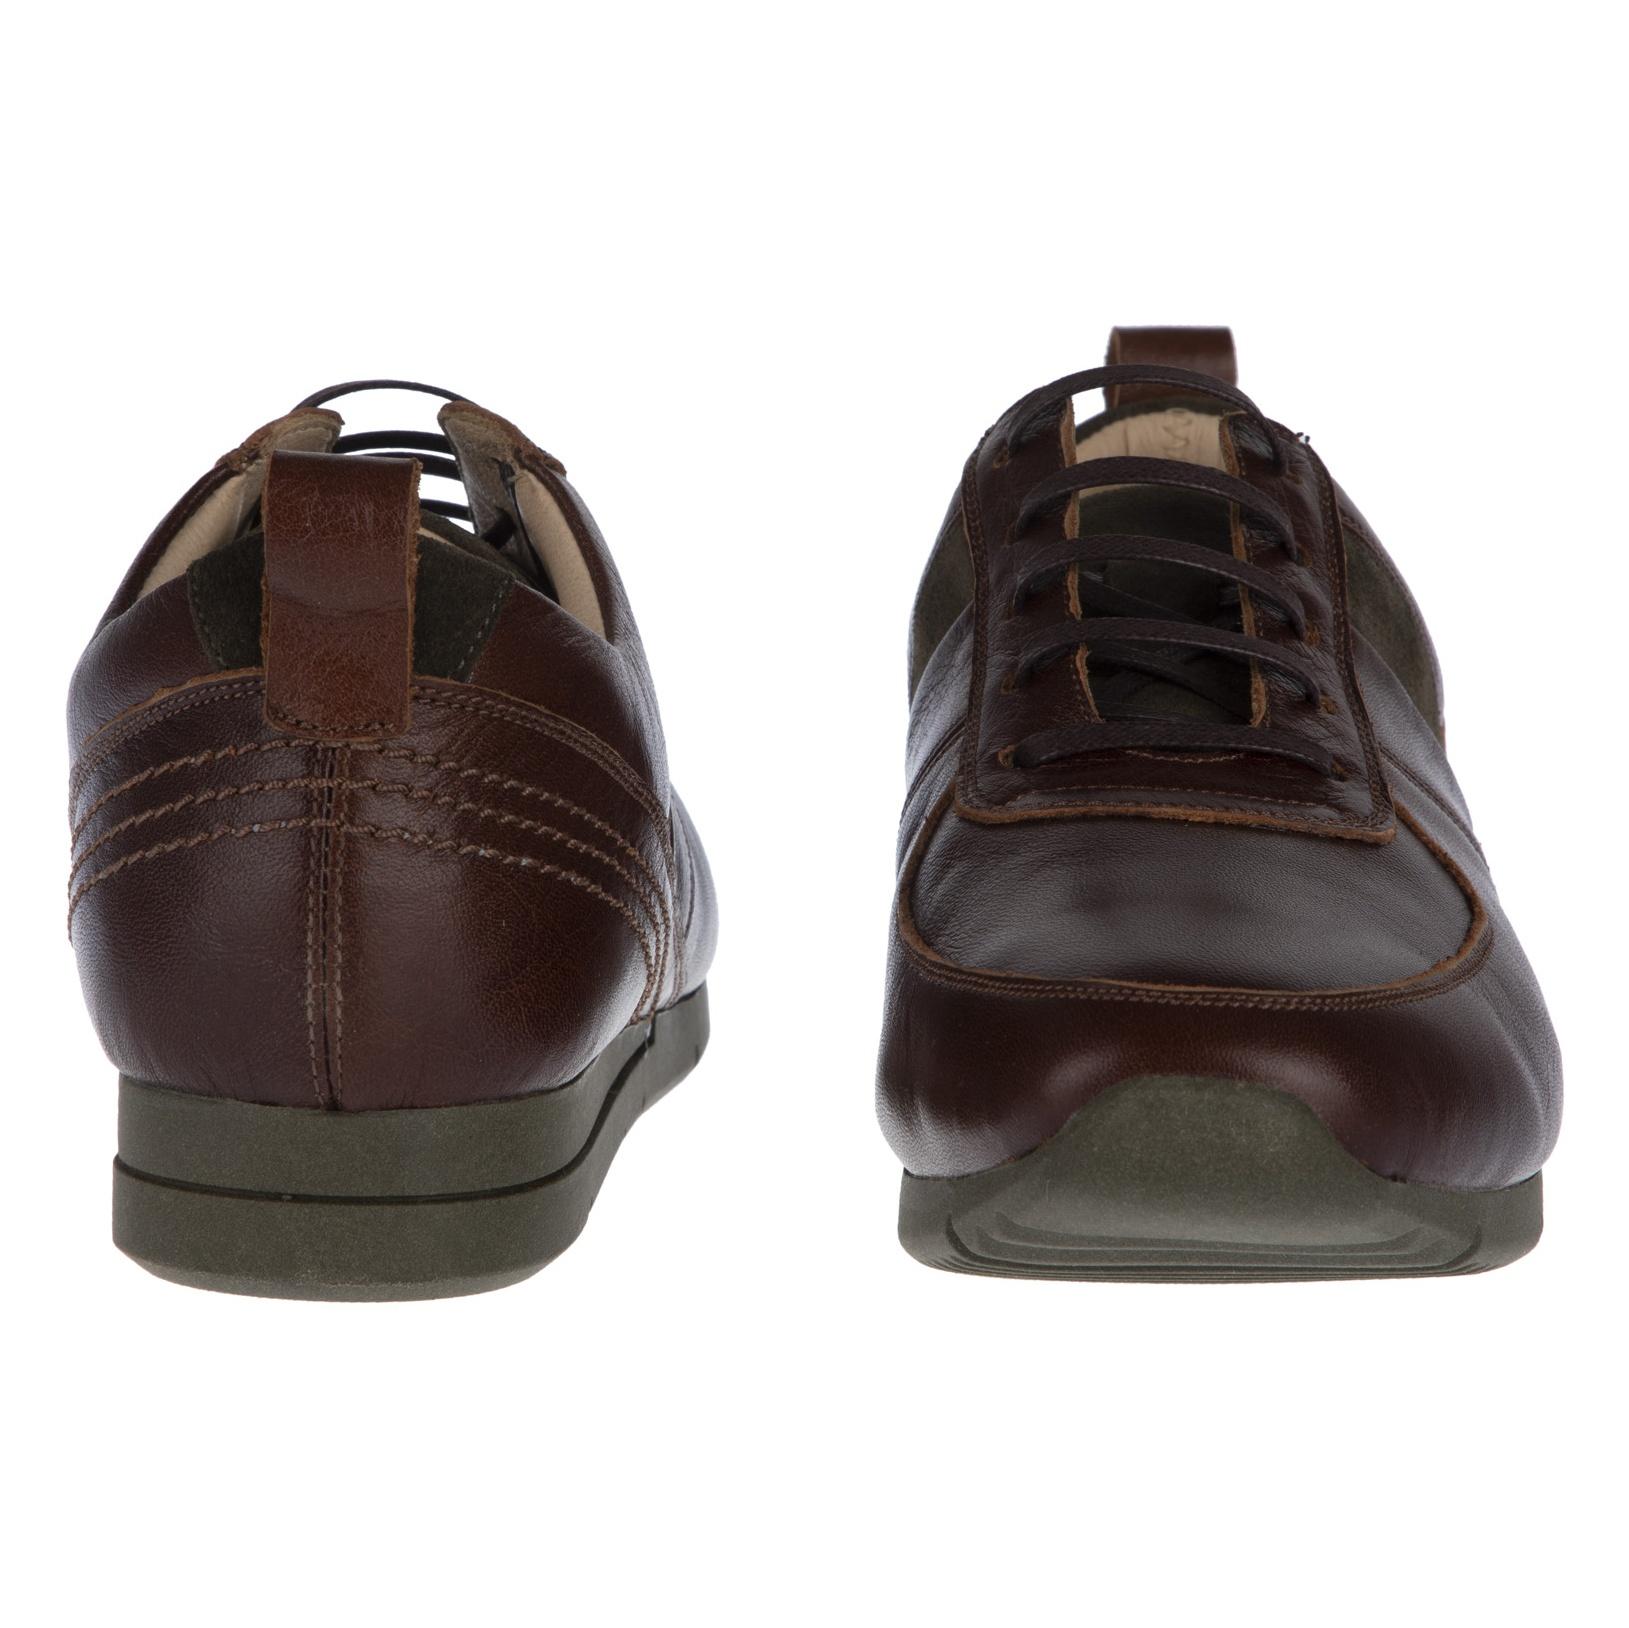 کفش روزمره نه برتونیکس مدل 320-22